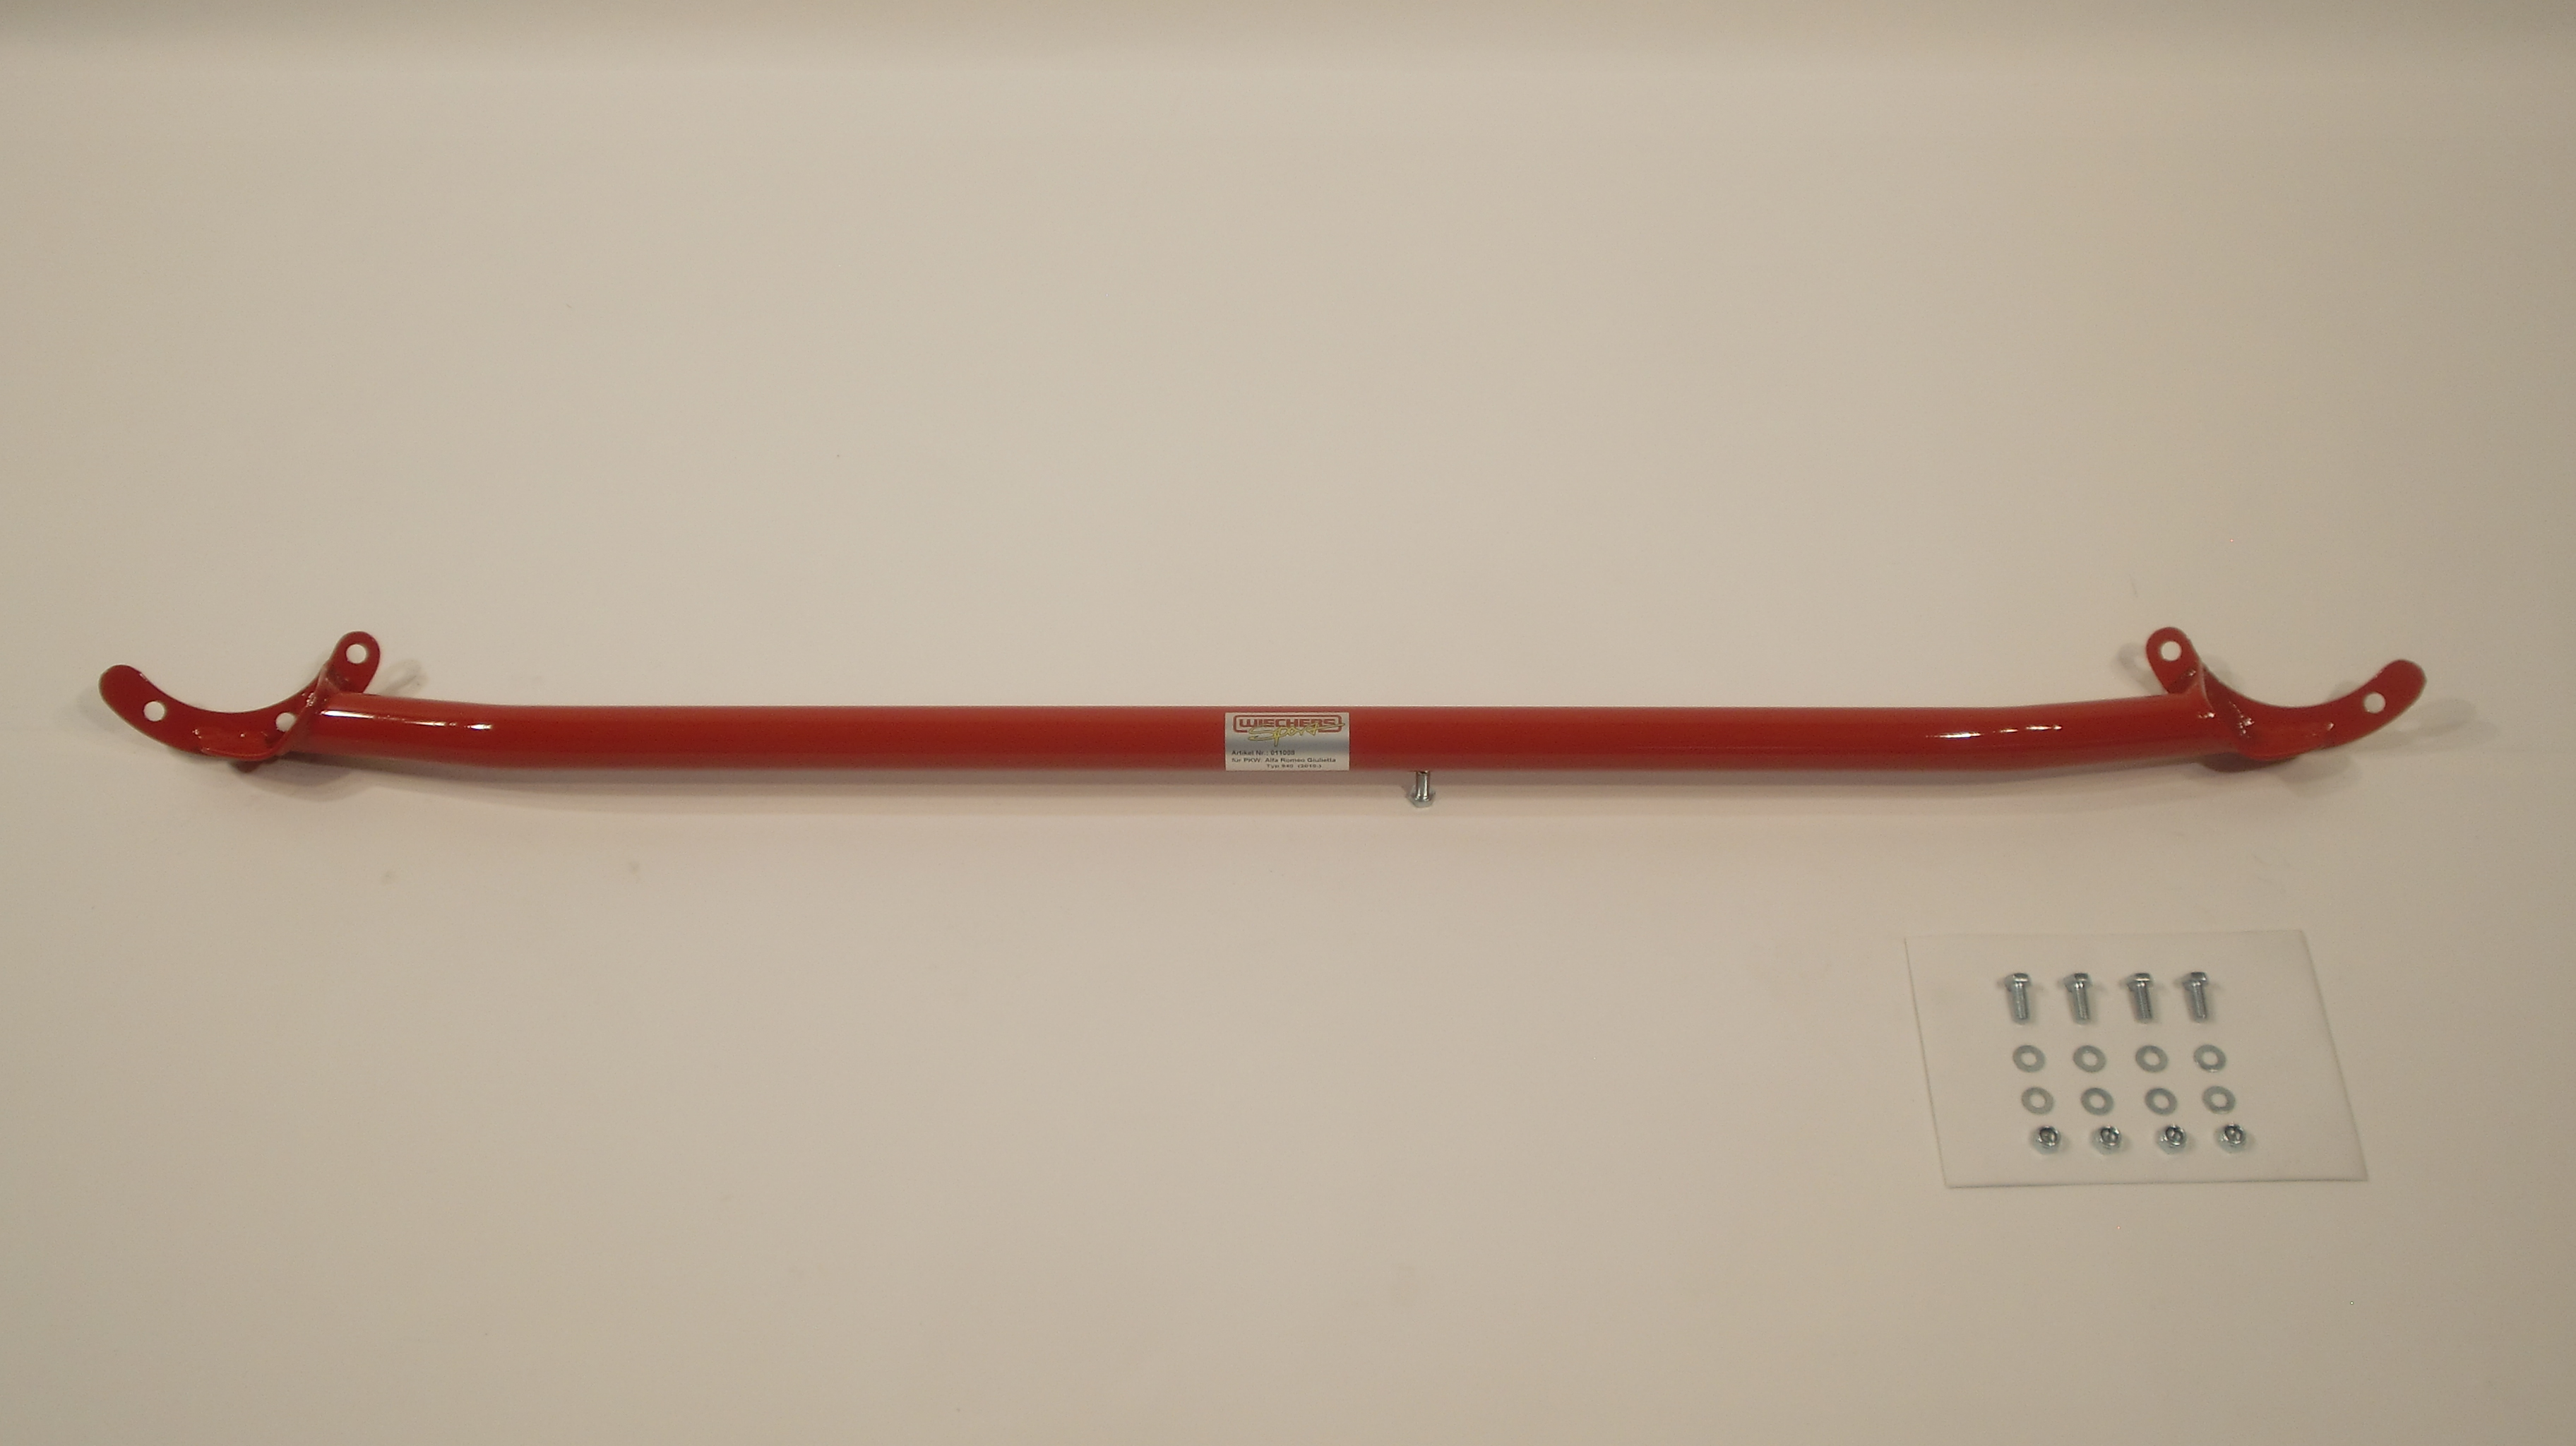 Wiechers 011008 Domstrebe Stahl vorne oben für Alfa Giulietta Typ 940